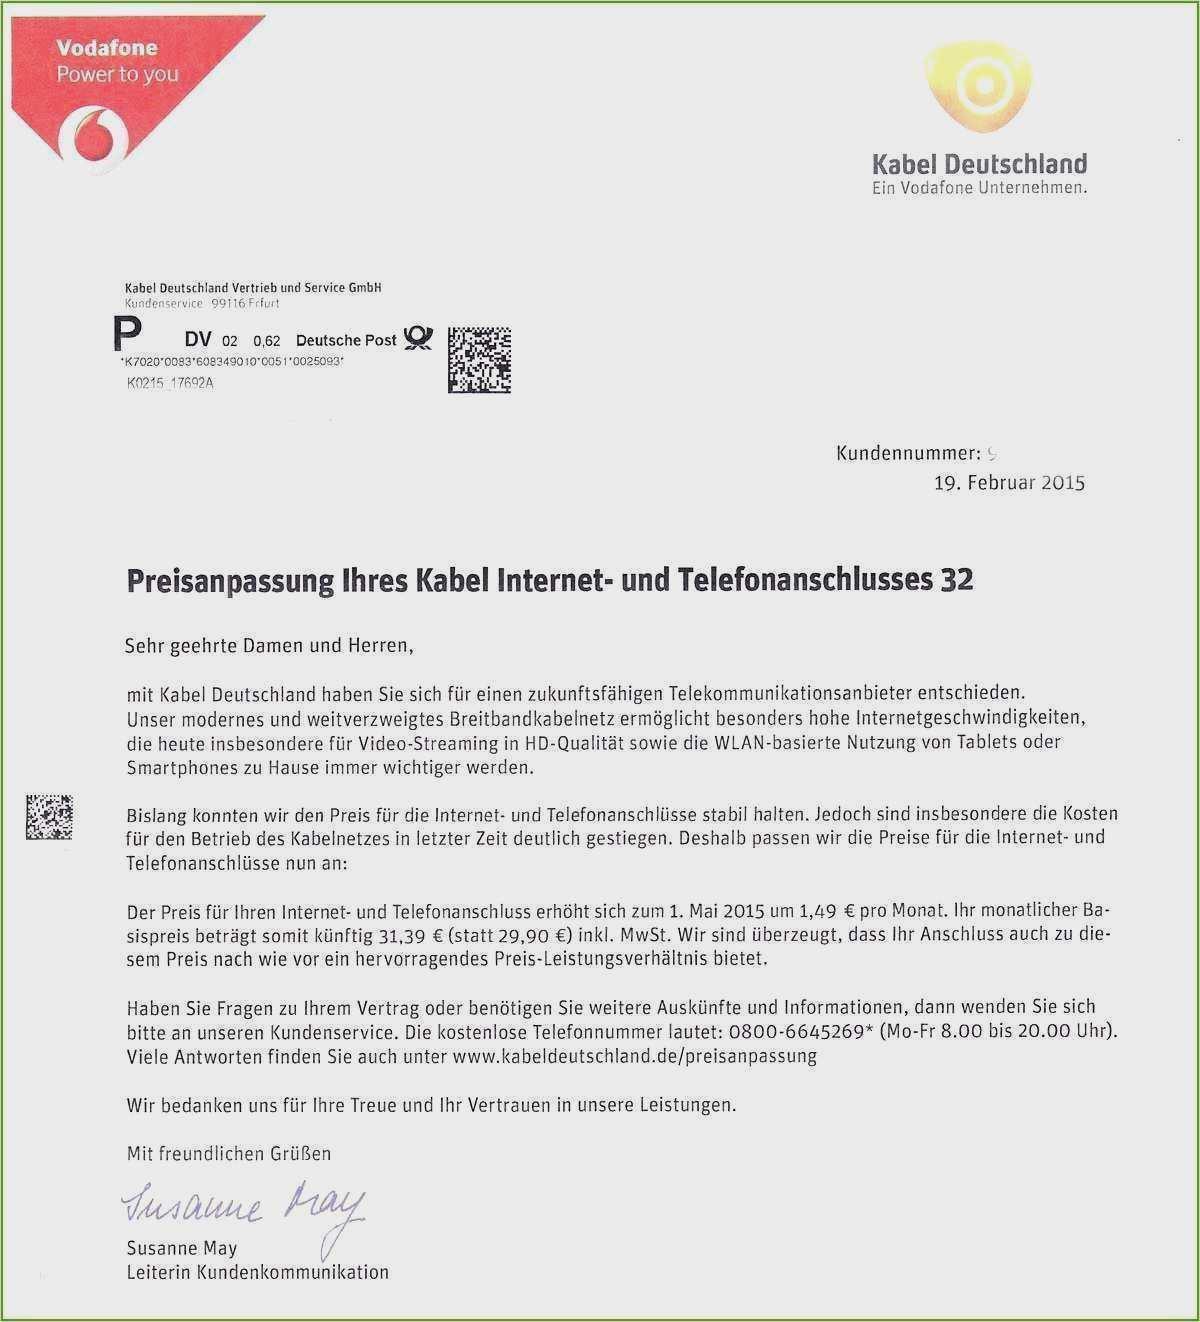 37 Gut Vodafone Widerruf Vorlage Sie Konnen Adaptieren In Ms Word Briefkopf Vorlage Lebenslauf Vorlagen Word Handyvertrag